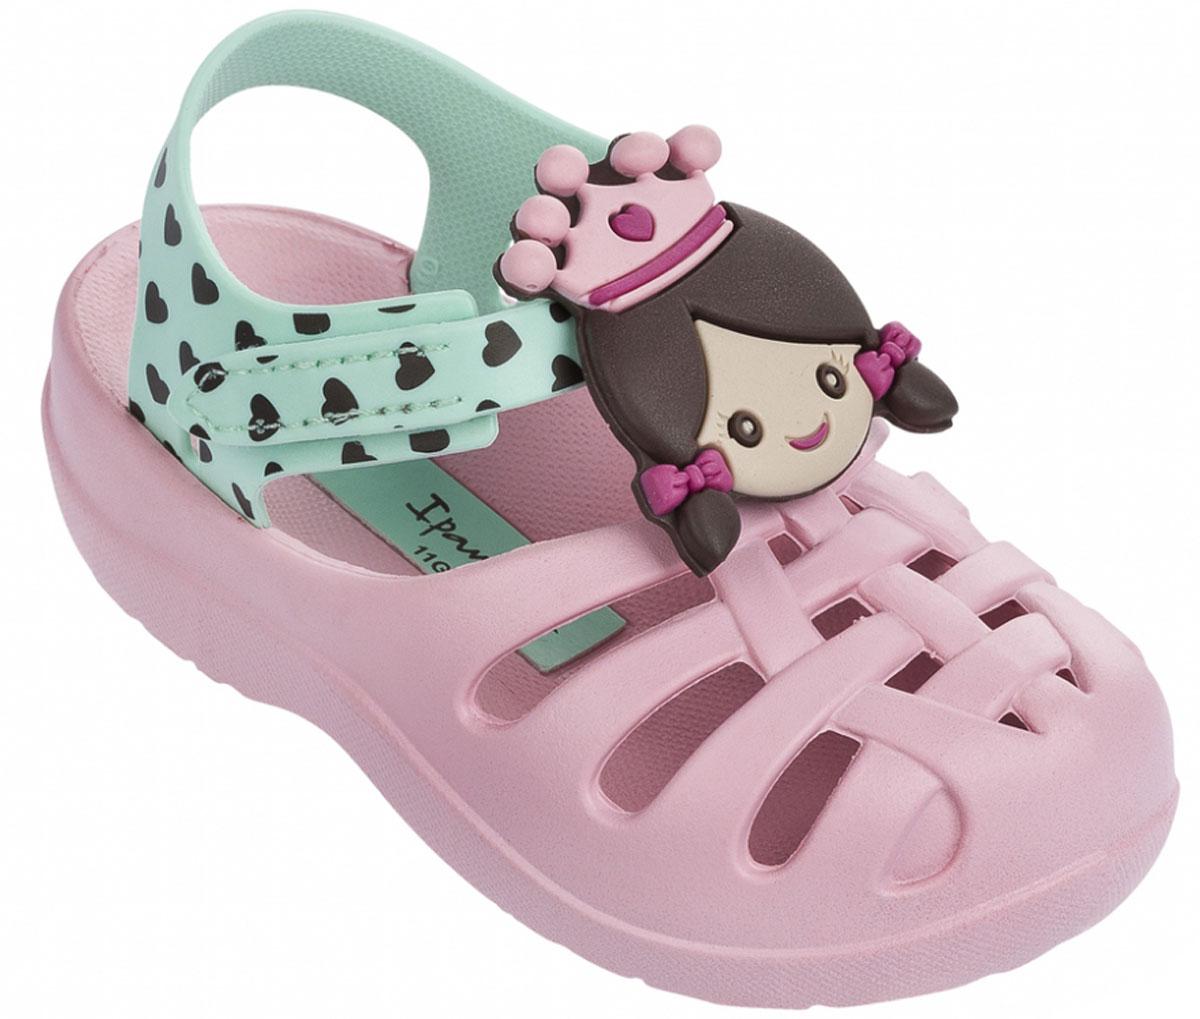 Сандалии для девочки Ipanema Summer Iii Baby, цвет: розовый, зеленый. 81948. Размер 24 (23)81948-23616Стильные сандалии от Ipanema придутся по душе вашей малышке и идеально подойдут для повседневной носки в летнюю погоду! Модель выполнена из поливинилхлорида и оформлена декоративным элементом в виде принцессы. Ремешок с застежкой-липучкой прочно закрепит модель на ножке. Подошва с рифлением гарантирует отличное сцепление с любой поверхностью. Практичные сандалии - незаменимая вещь в гардеробе маленькой модницы!